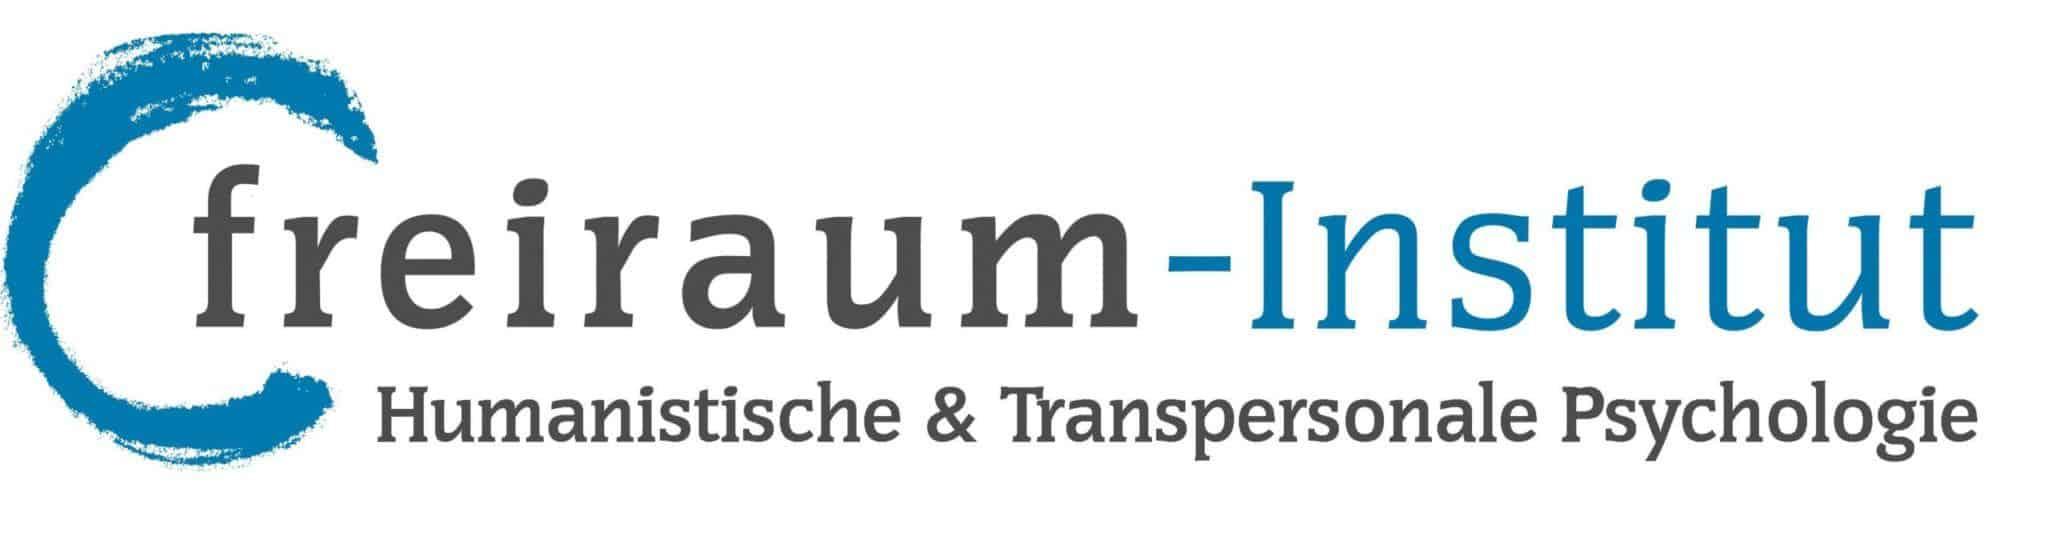 freiraum-institut.ch - Volles Potenzial entfalten, einzigartiges Intensiv-Coaching & Training